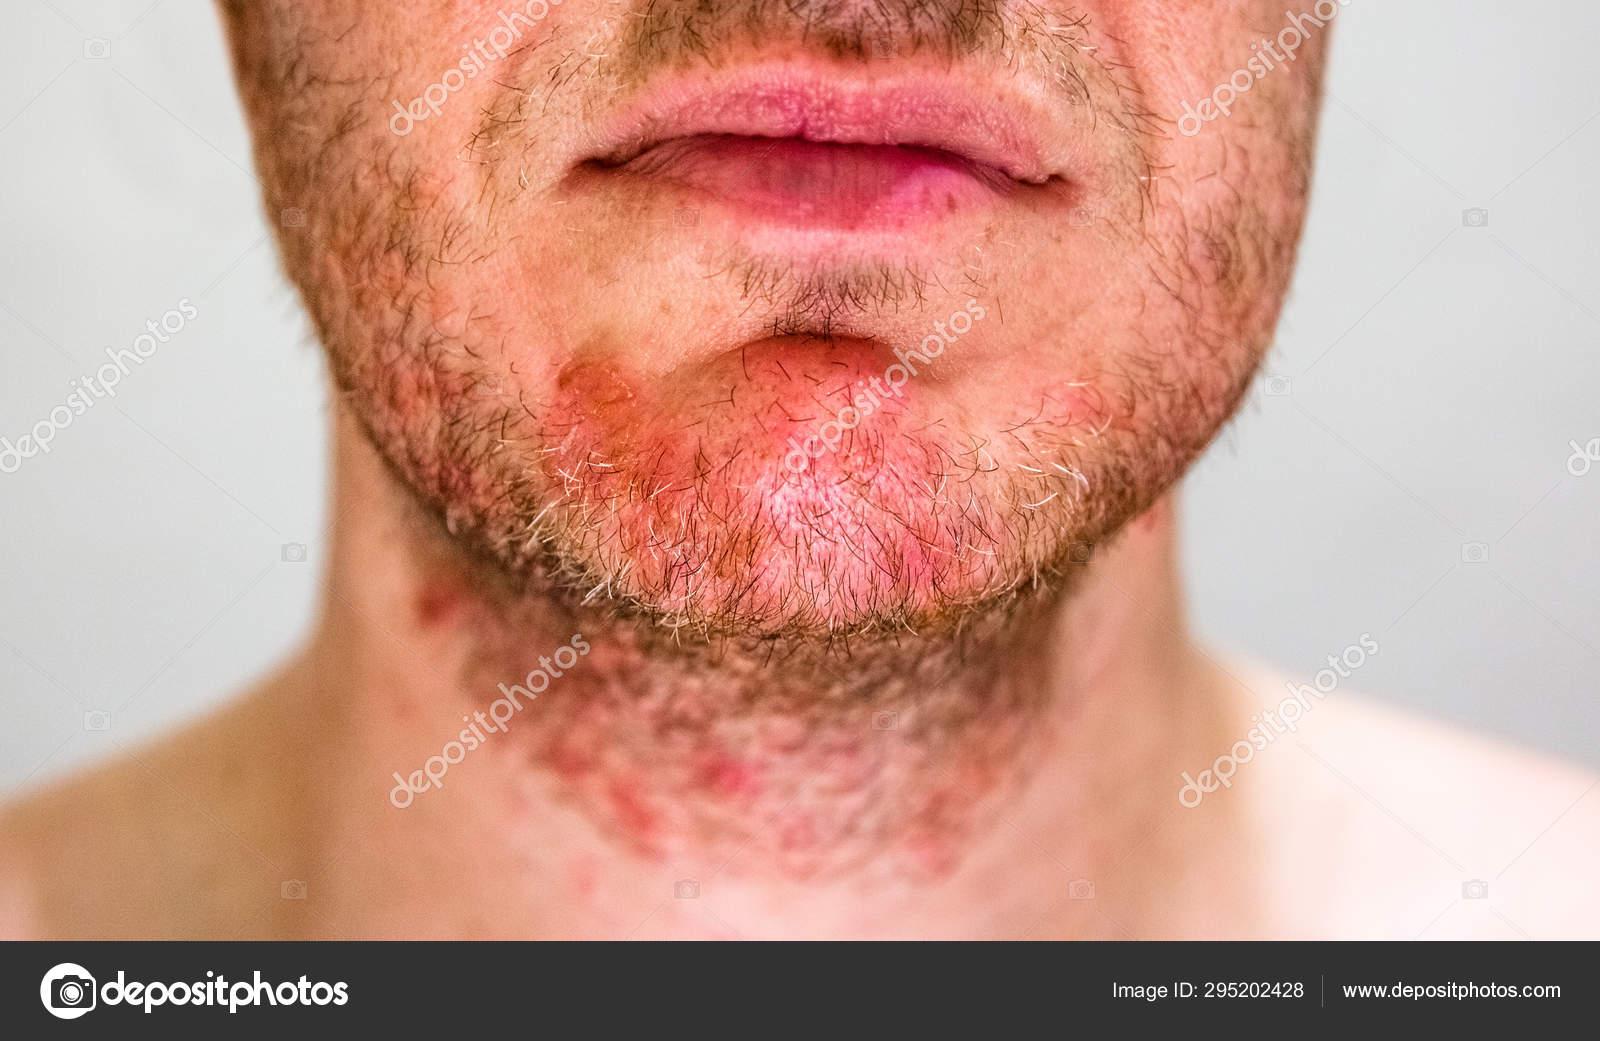 dermatite barba padezi srpski vezbe